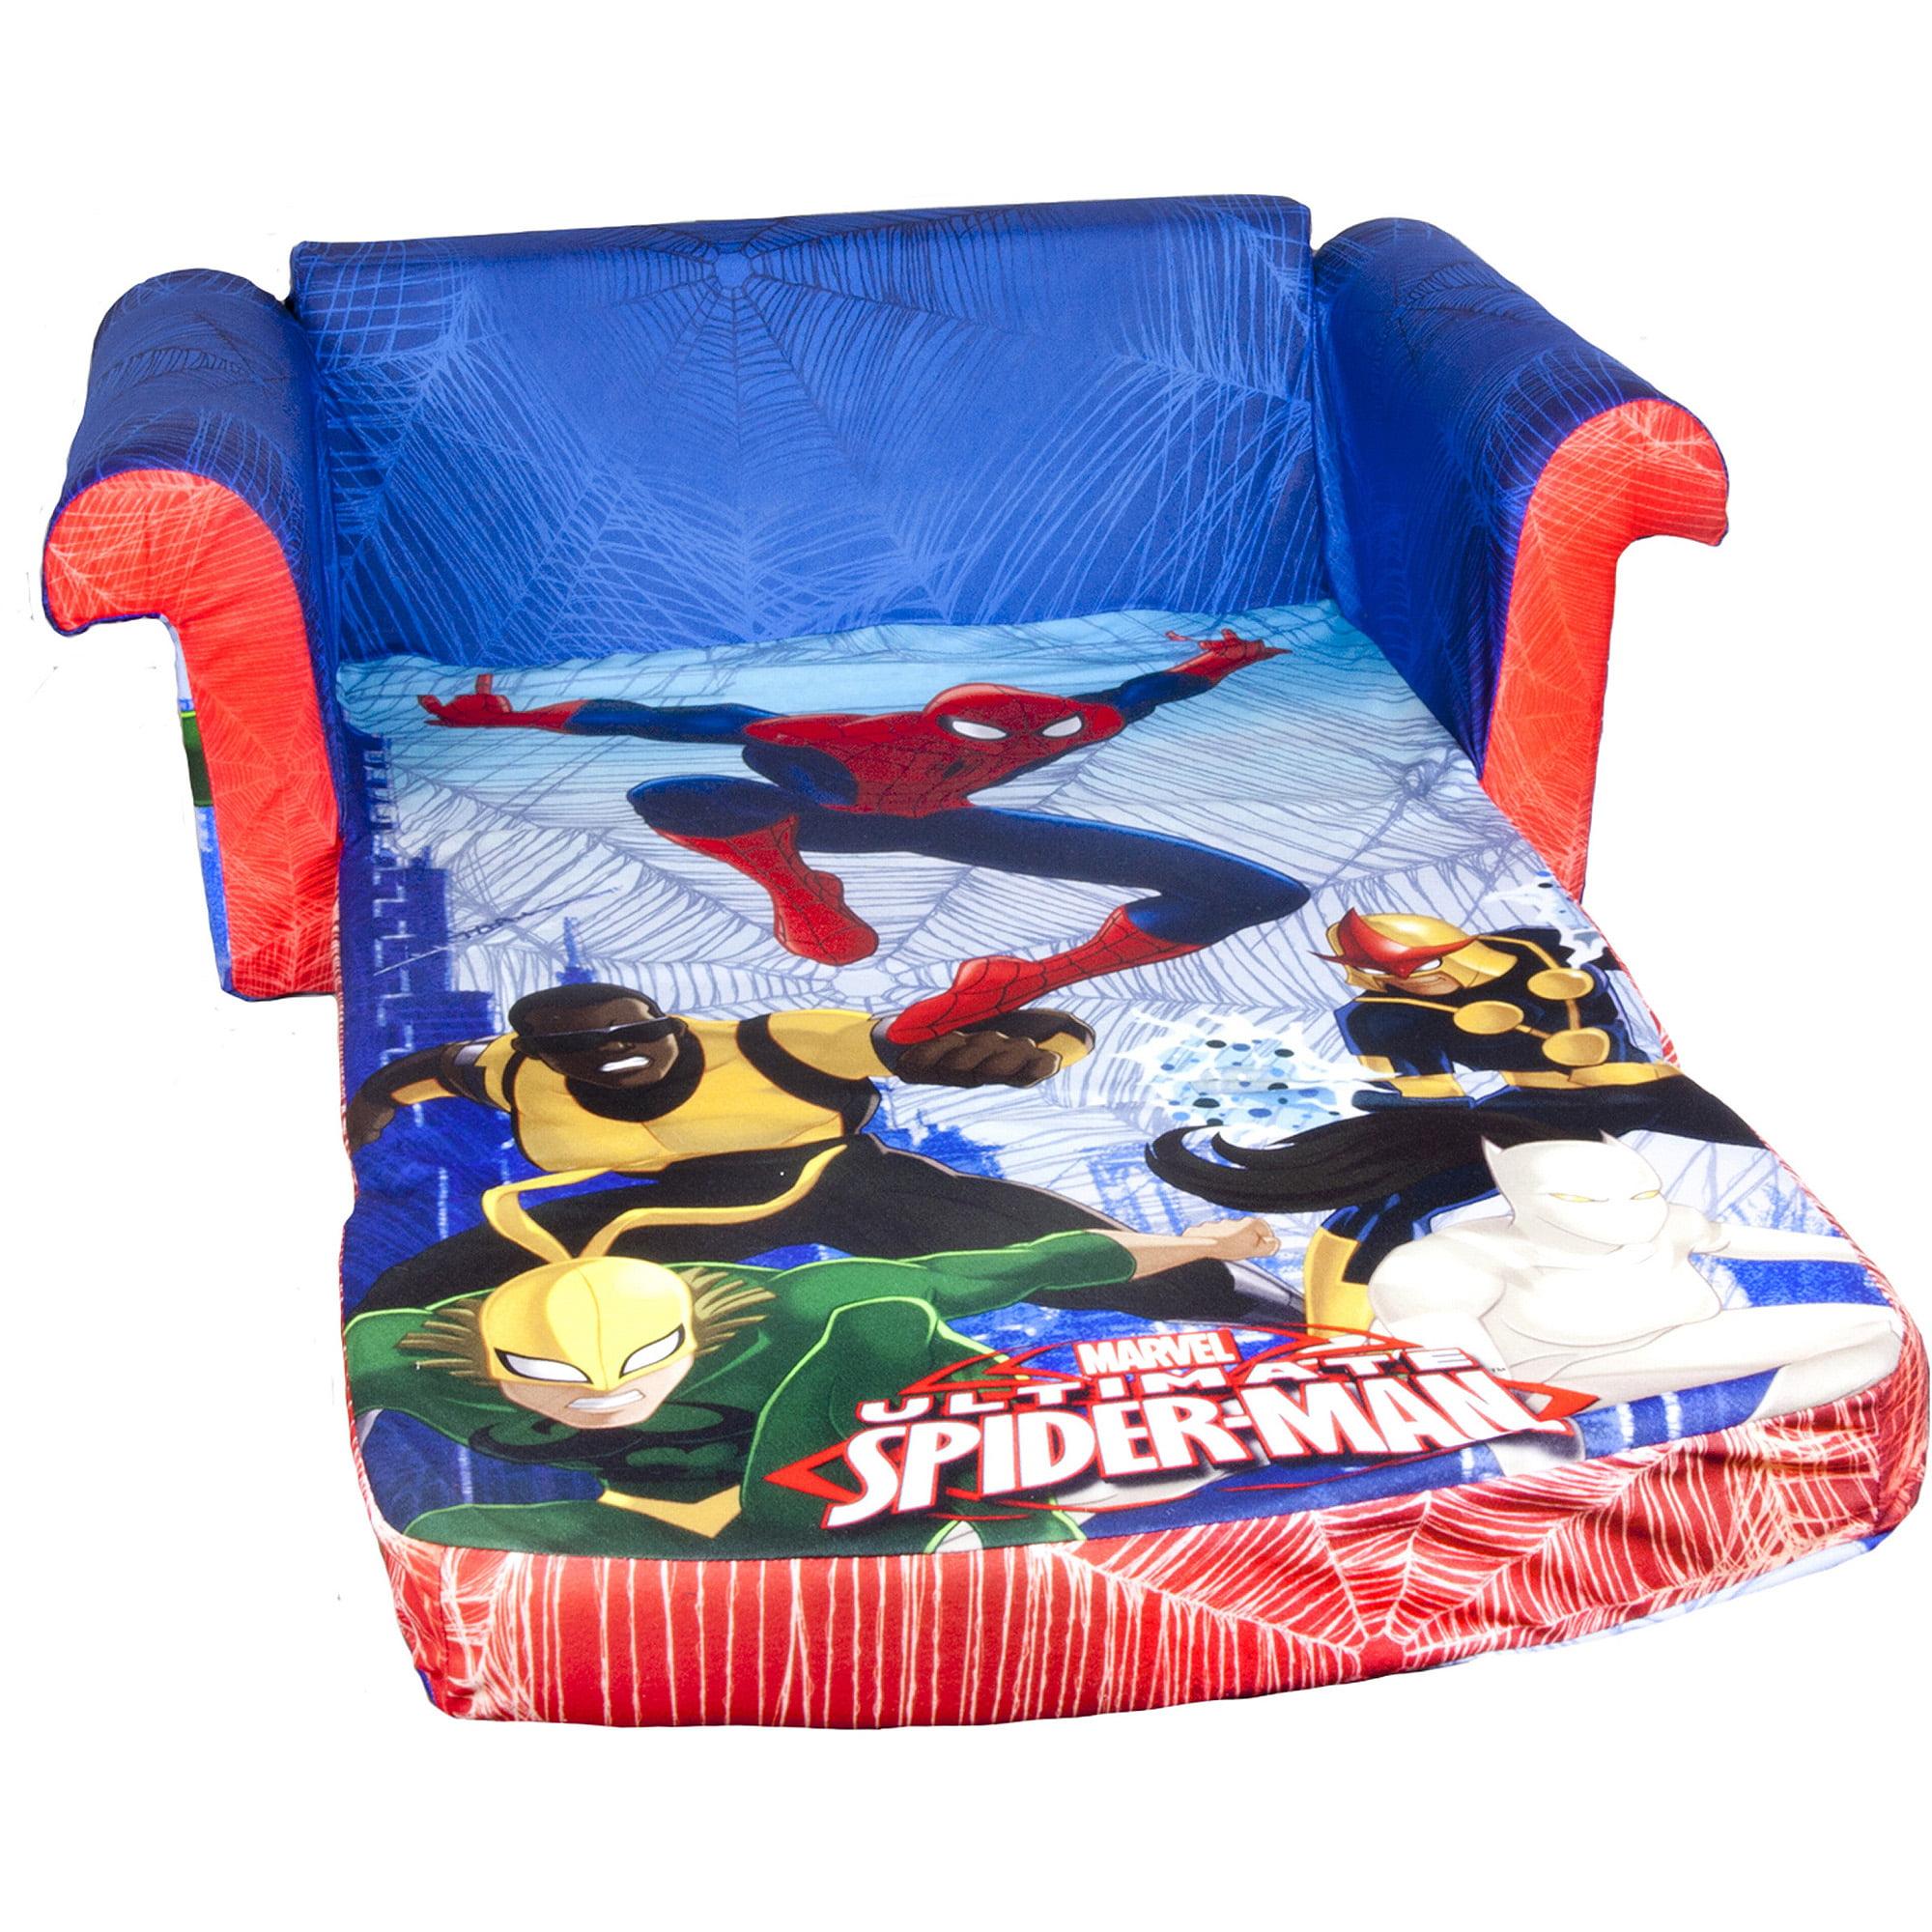 FFN FOS Spiderman F13 NBL   Walmart.com